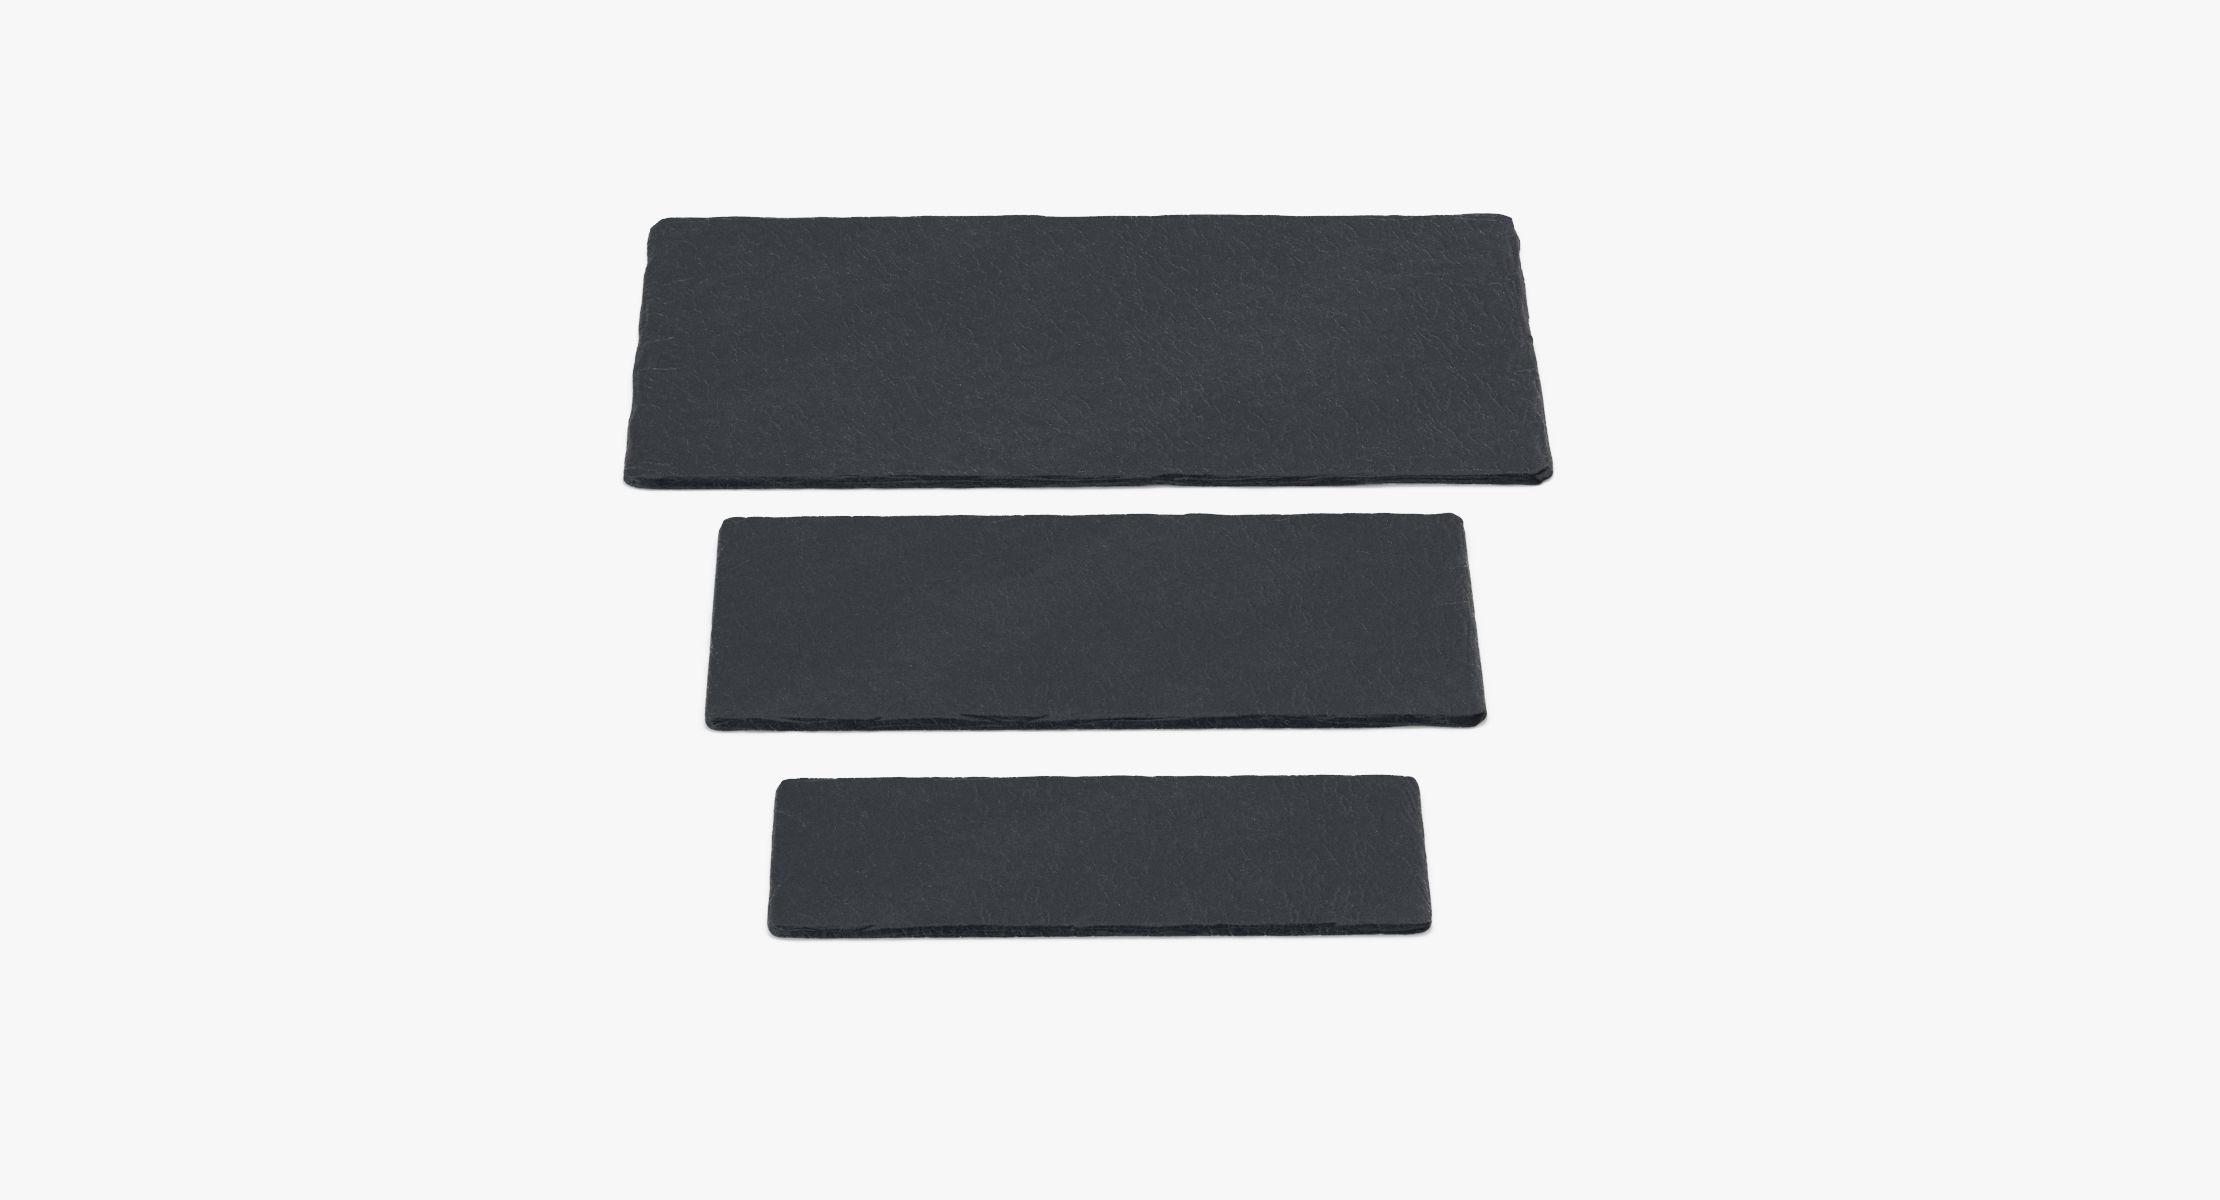 Slate Servng Plate Rectangular - reel 1